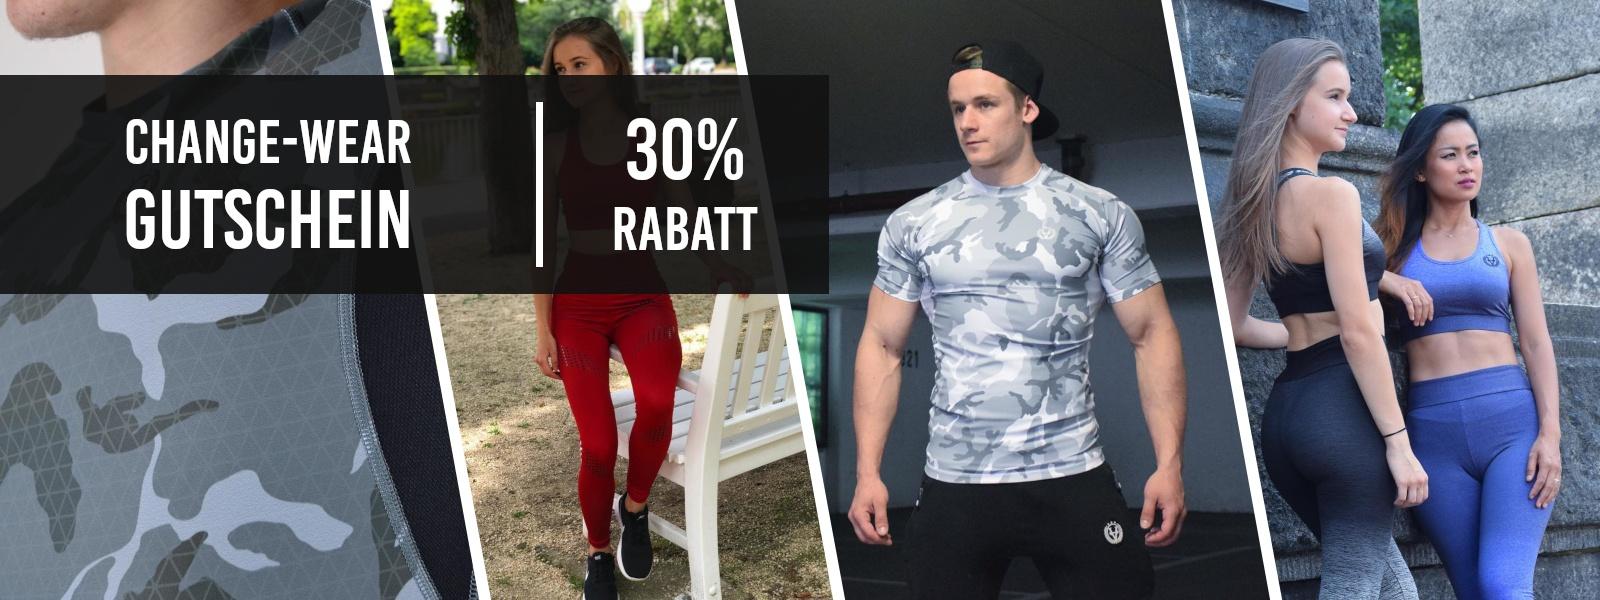 Change Wear Rabatt